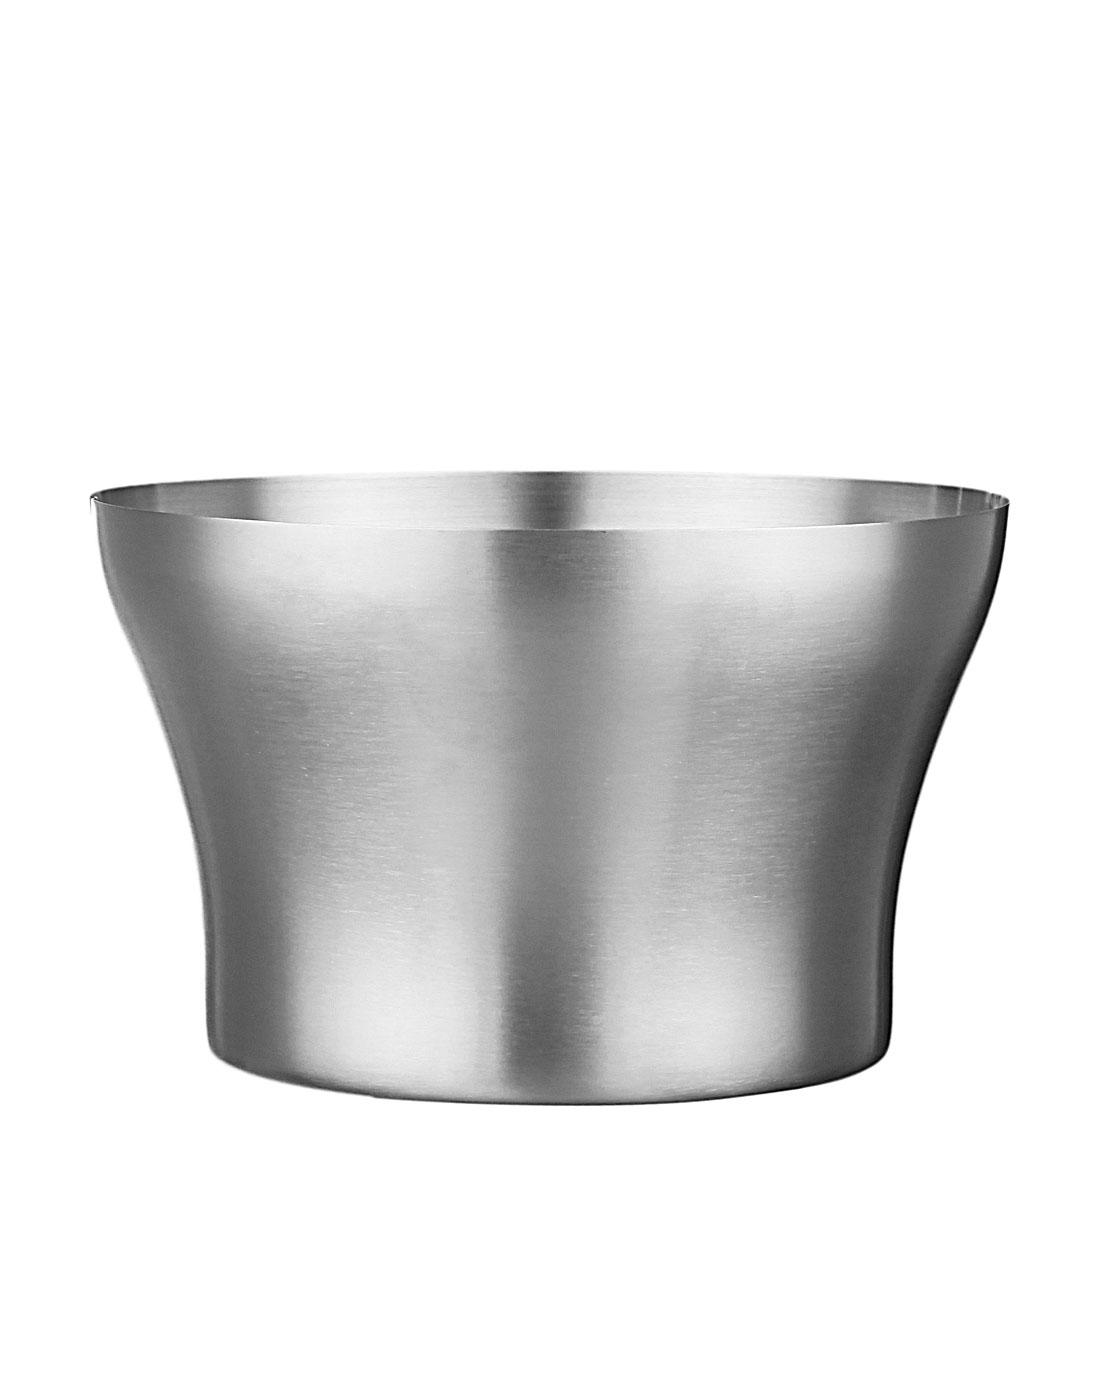 恩方欧式不锈钢冰桶